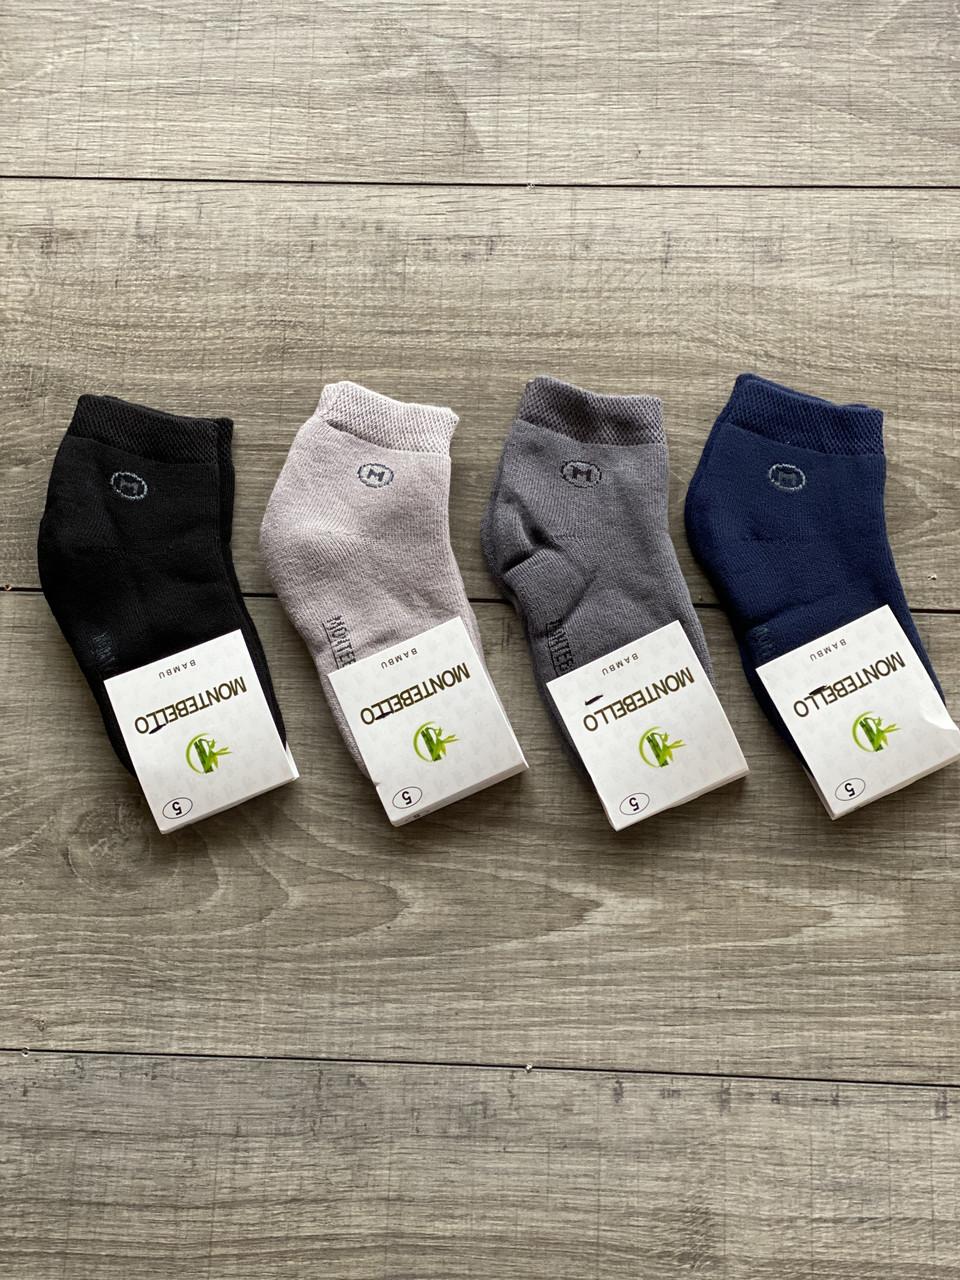 Дитячі носки Montebello шкарпетки махрові для хлопчиків М розмір 3